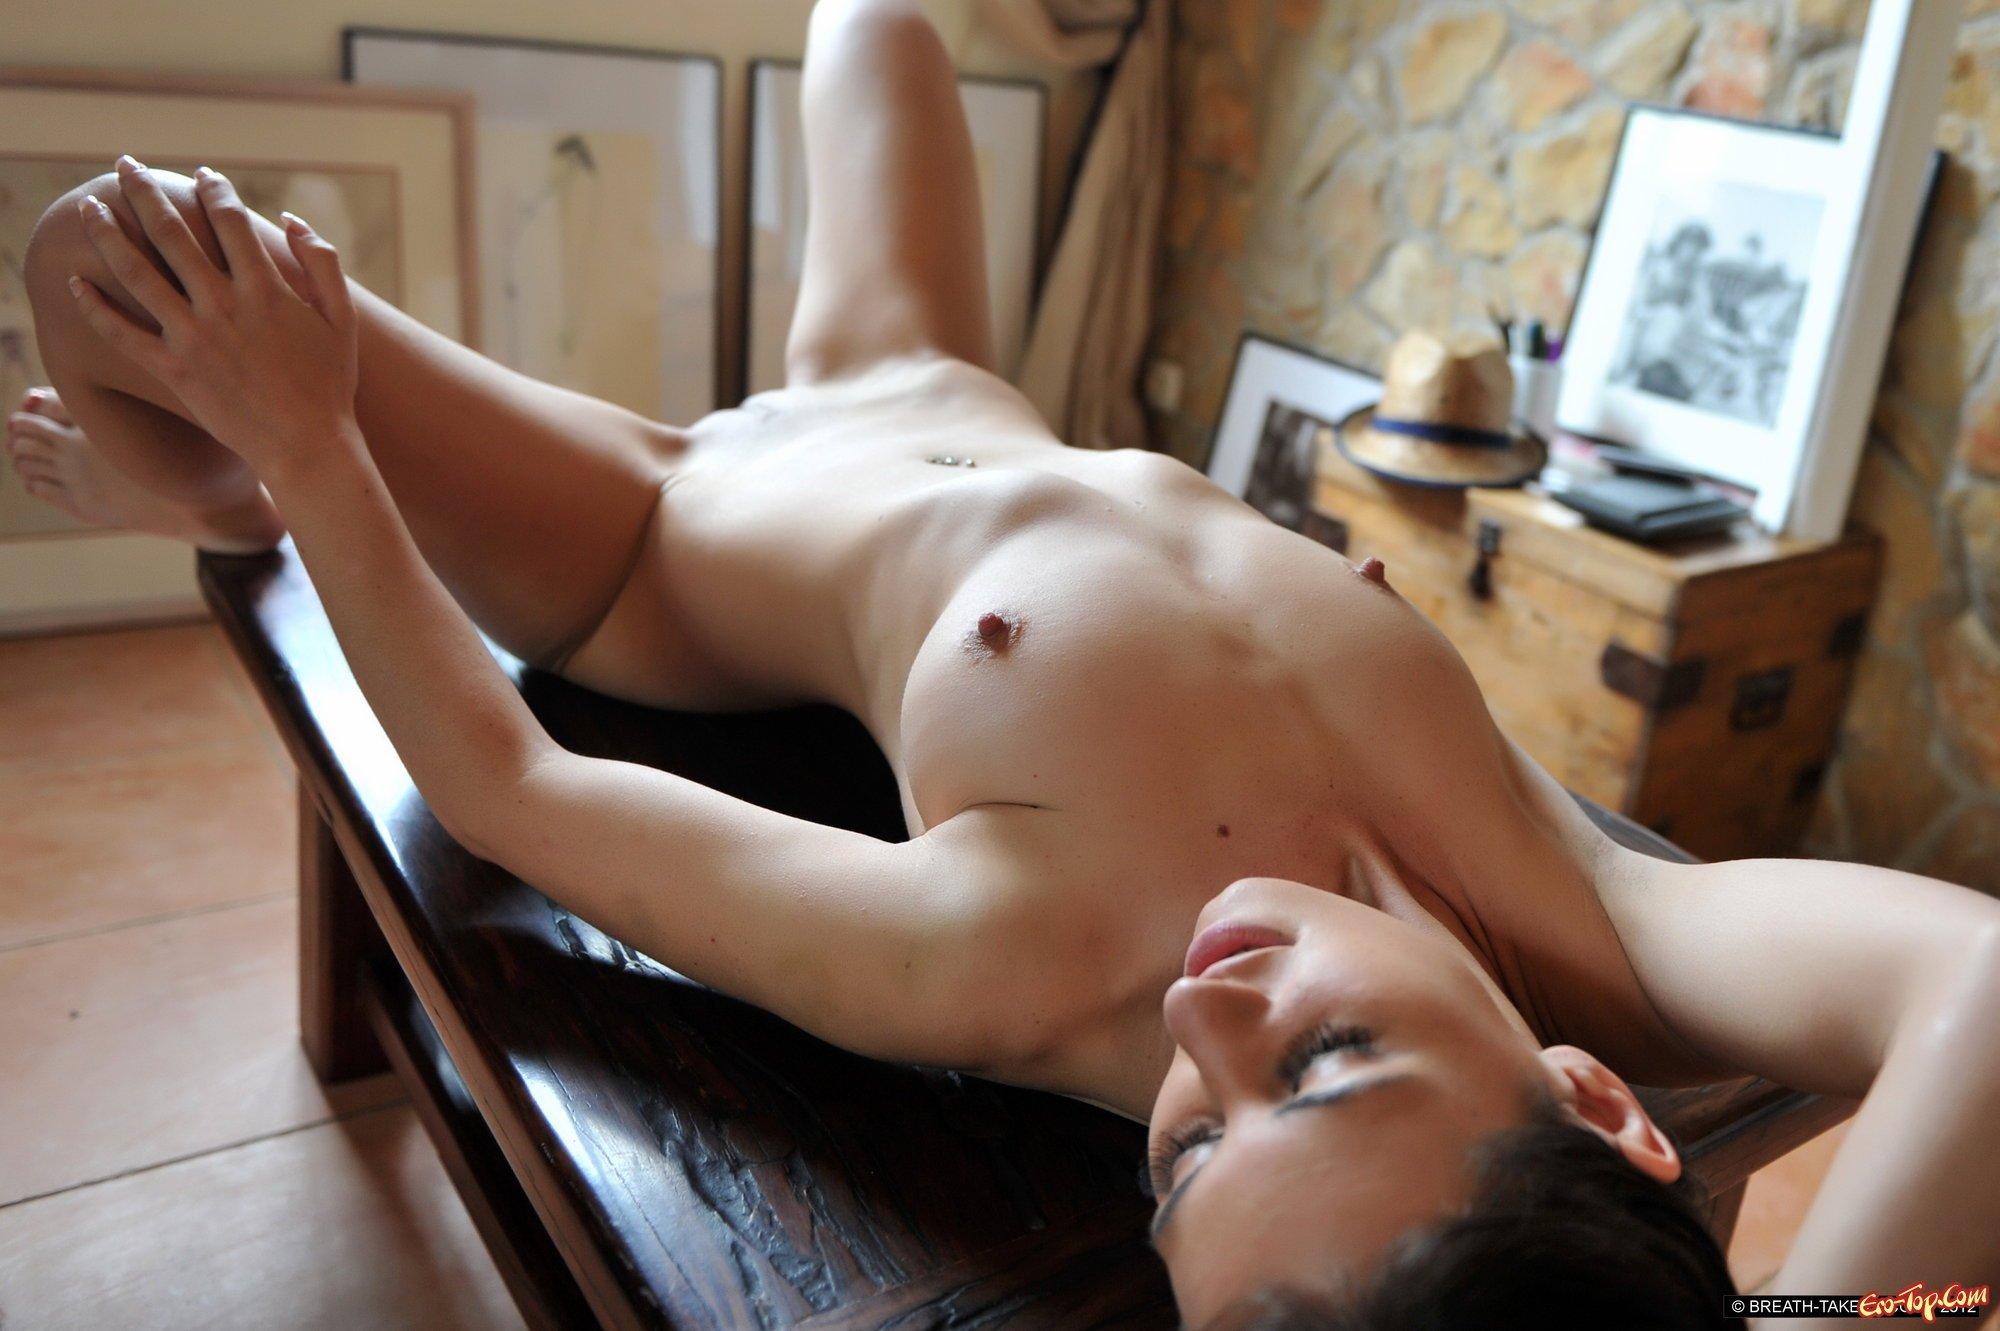 Обнаженная делает селфи на столе